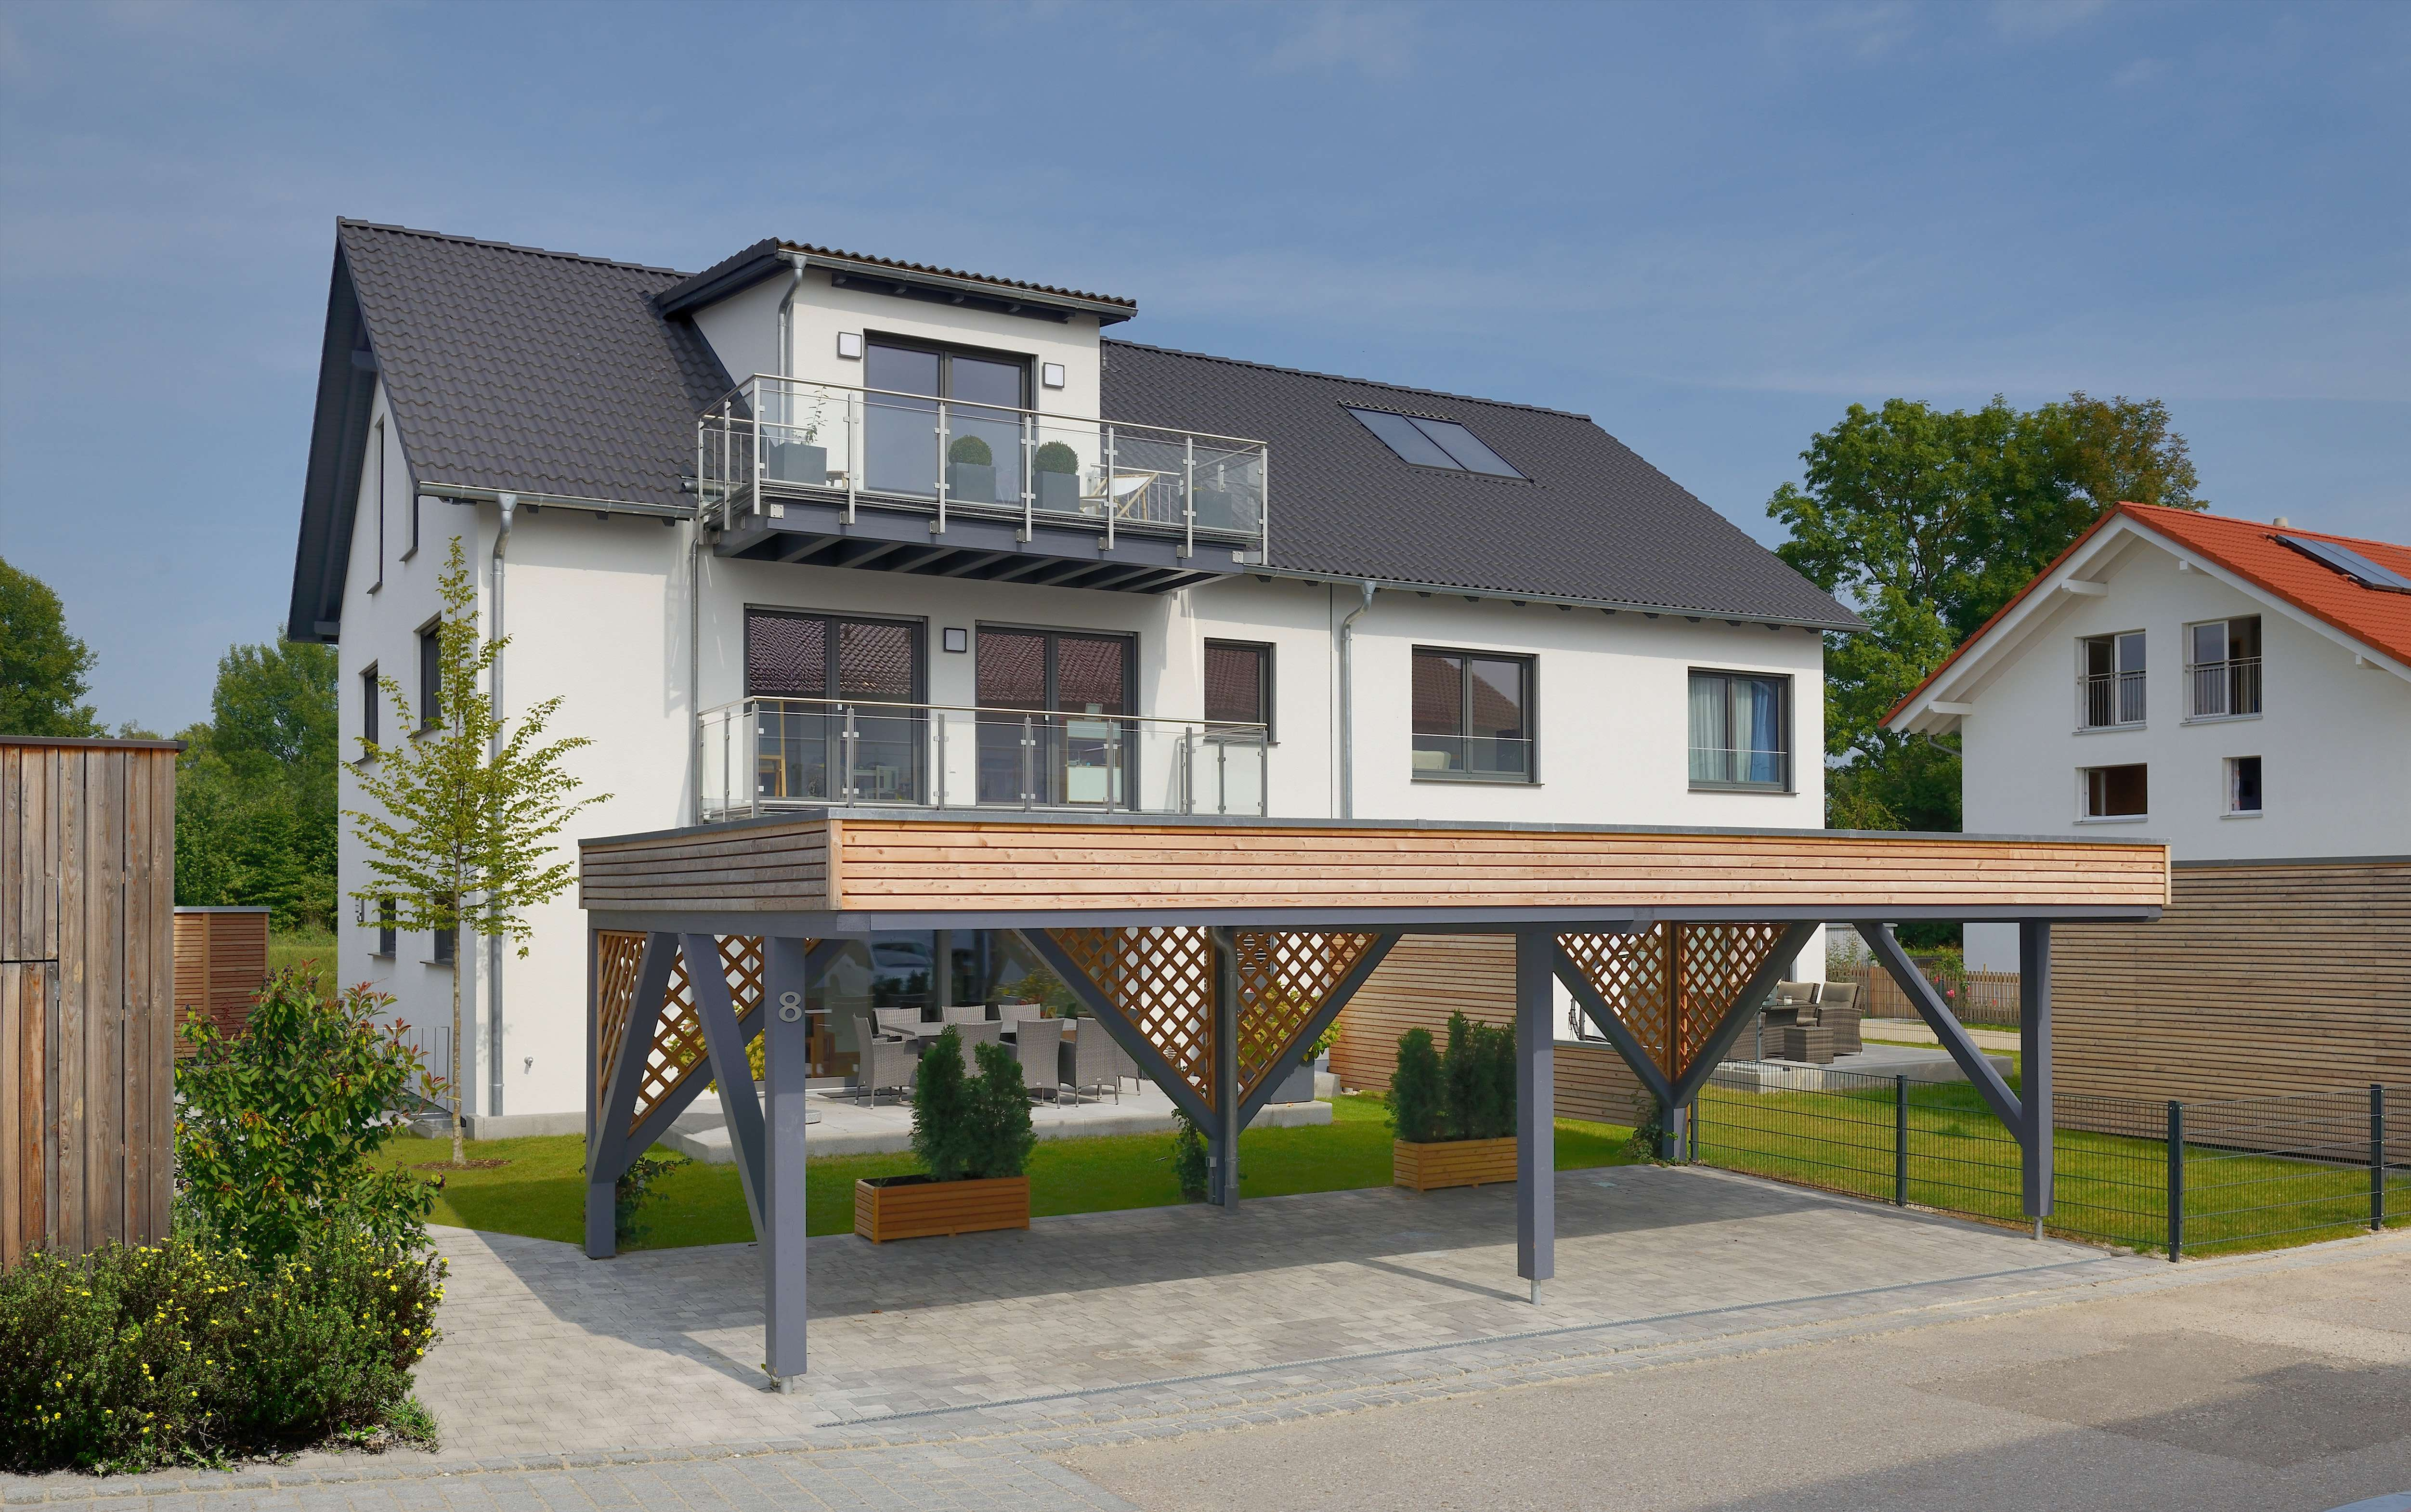 luxuriöse 250 qm DHH mit 3 Balkonen, Terasse und Sauna in ruhiger Lage in Erding